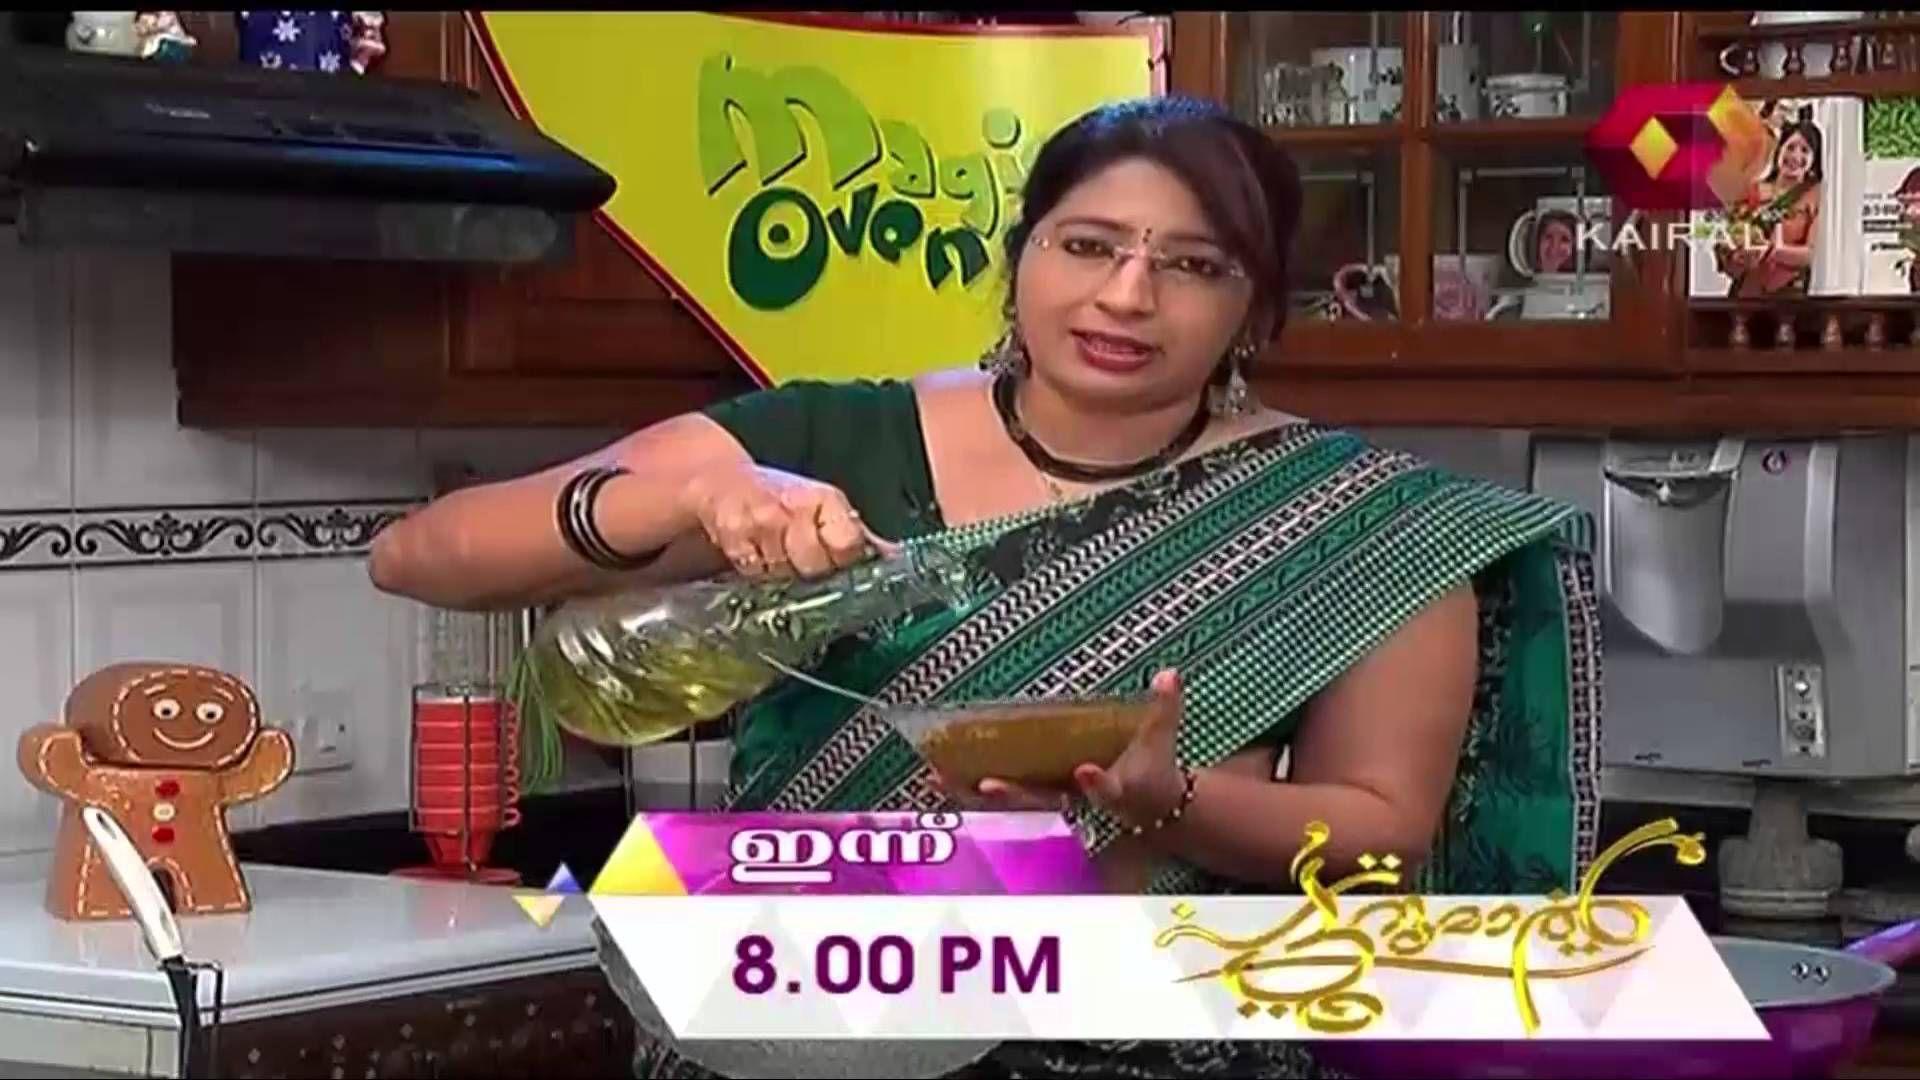 Lakshmi Nair Magic Oven Cake